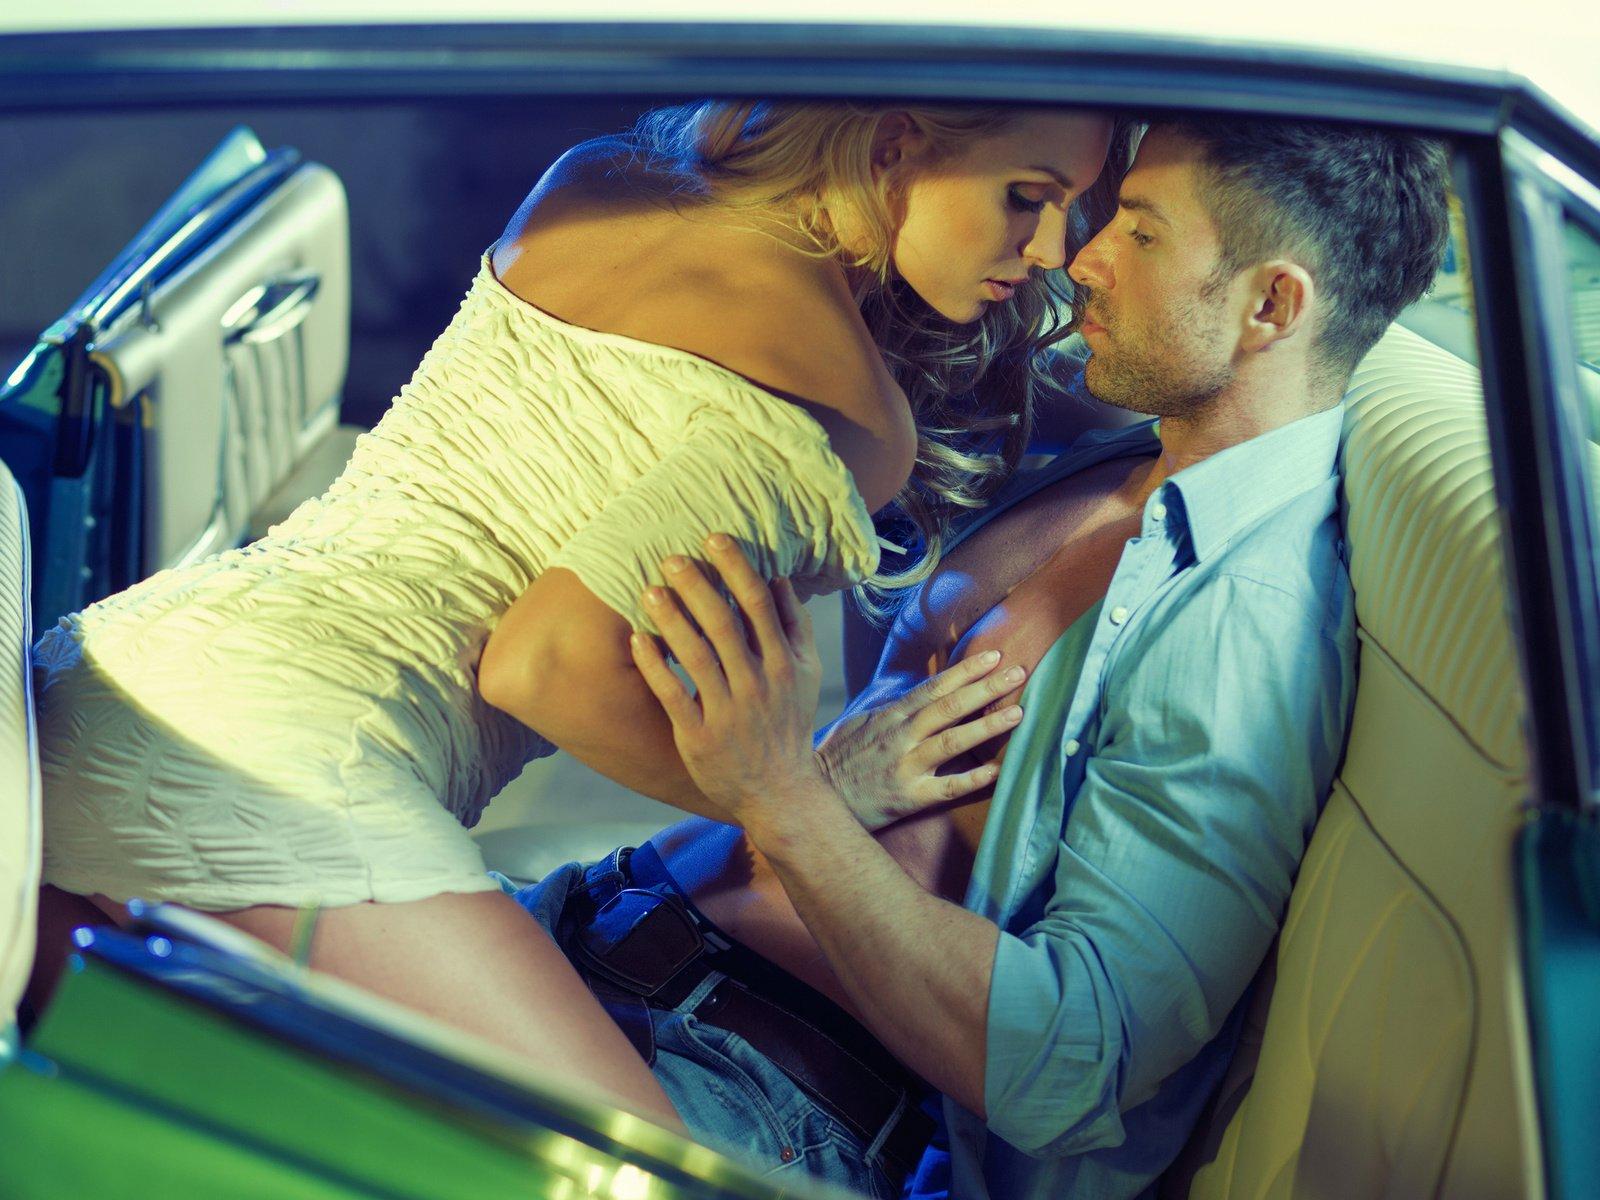 свадебную тусовку, фото целующихся в машине крупно бисера